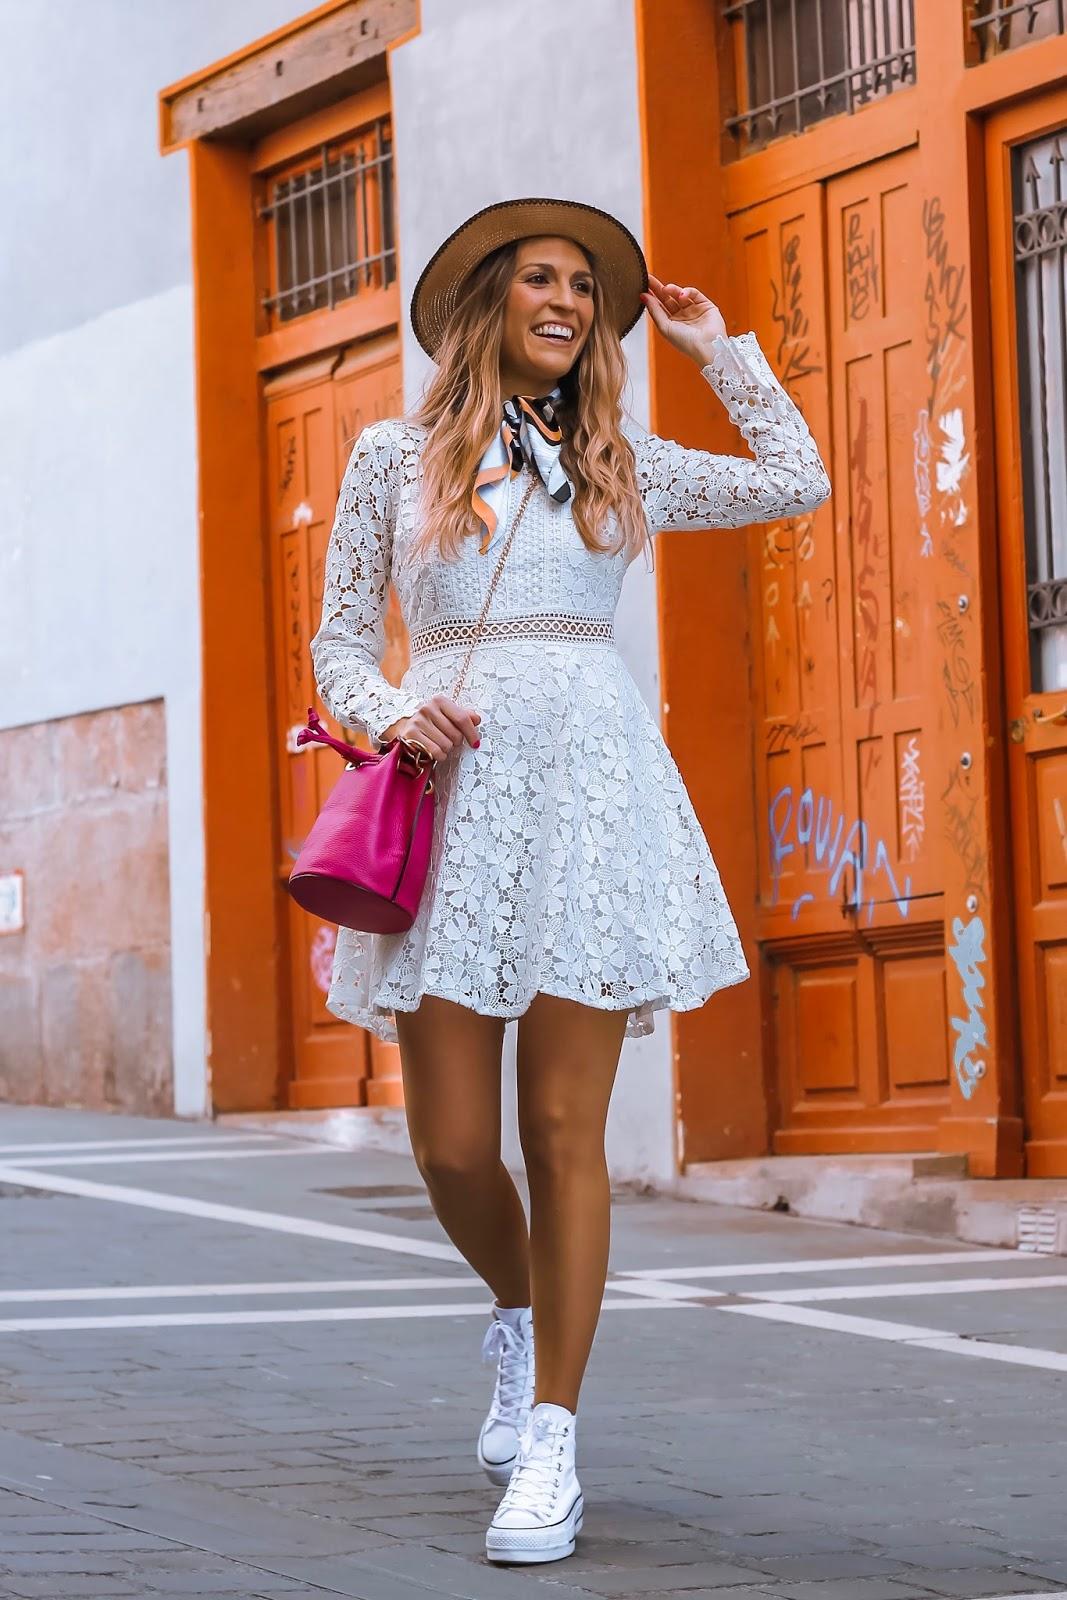 llevar vestido blanco en clave casual